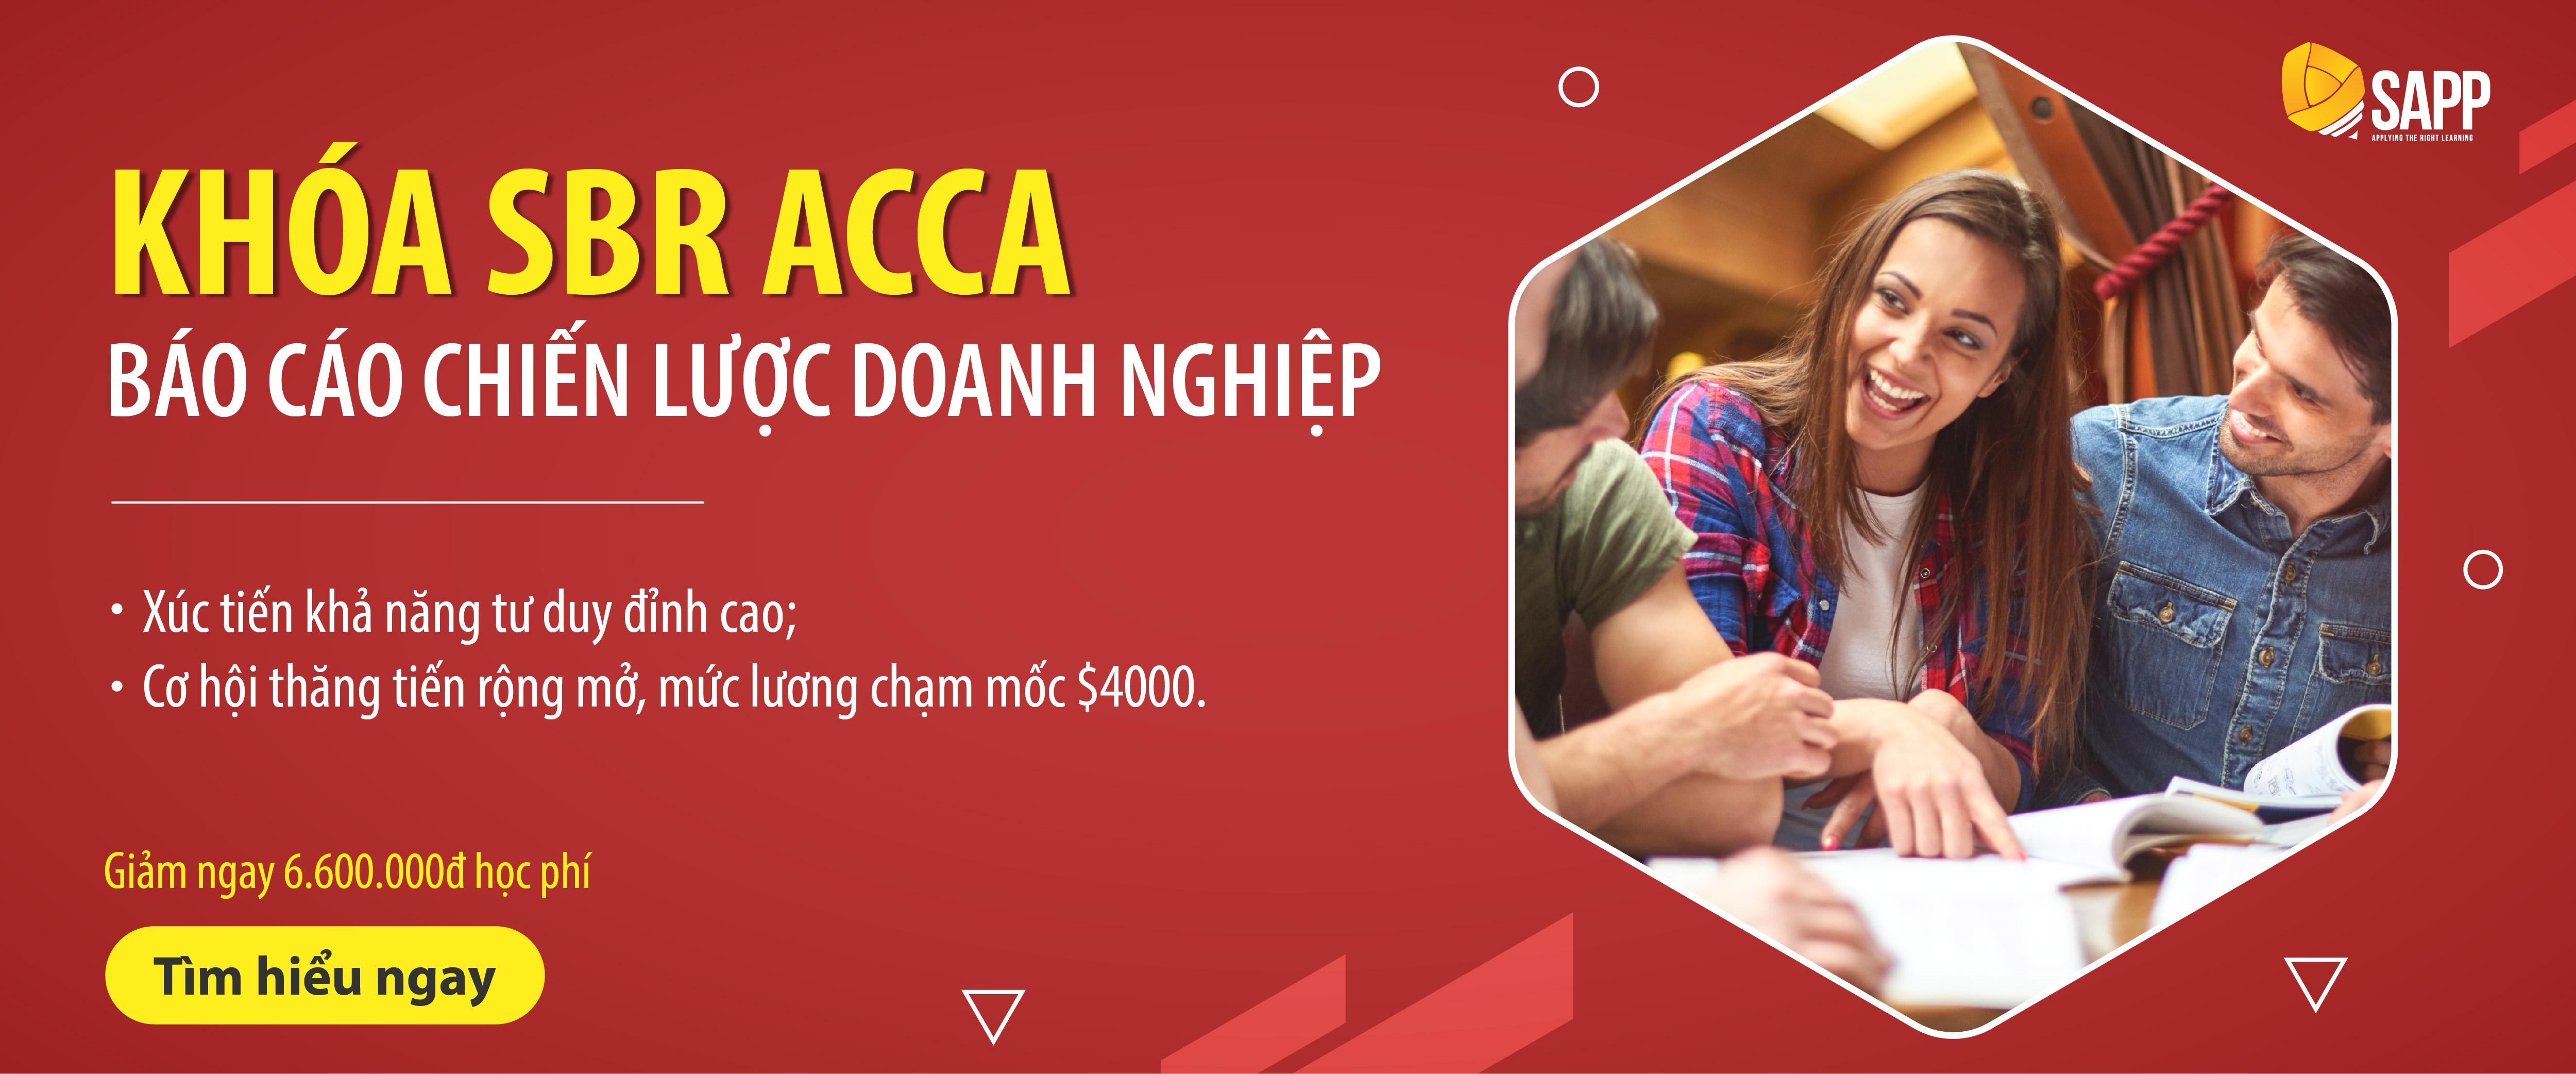 đăng ký tư vấn khóa SBR ACCA